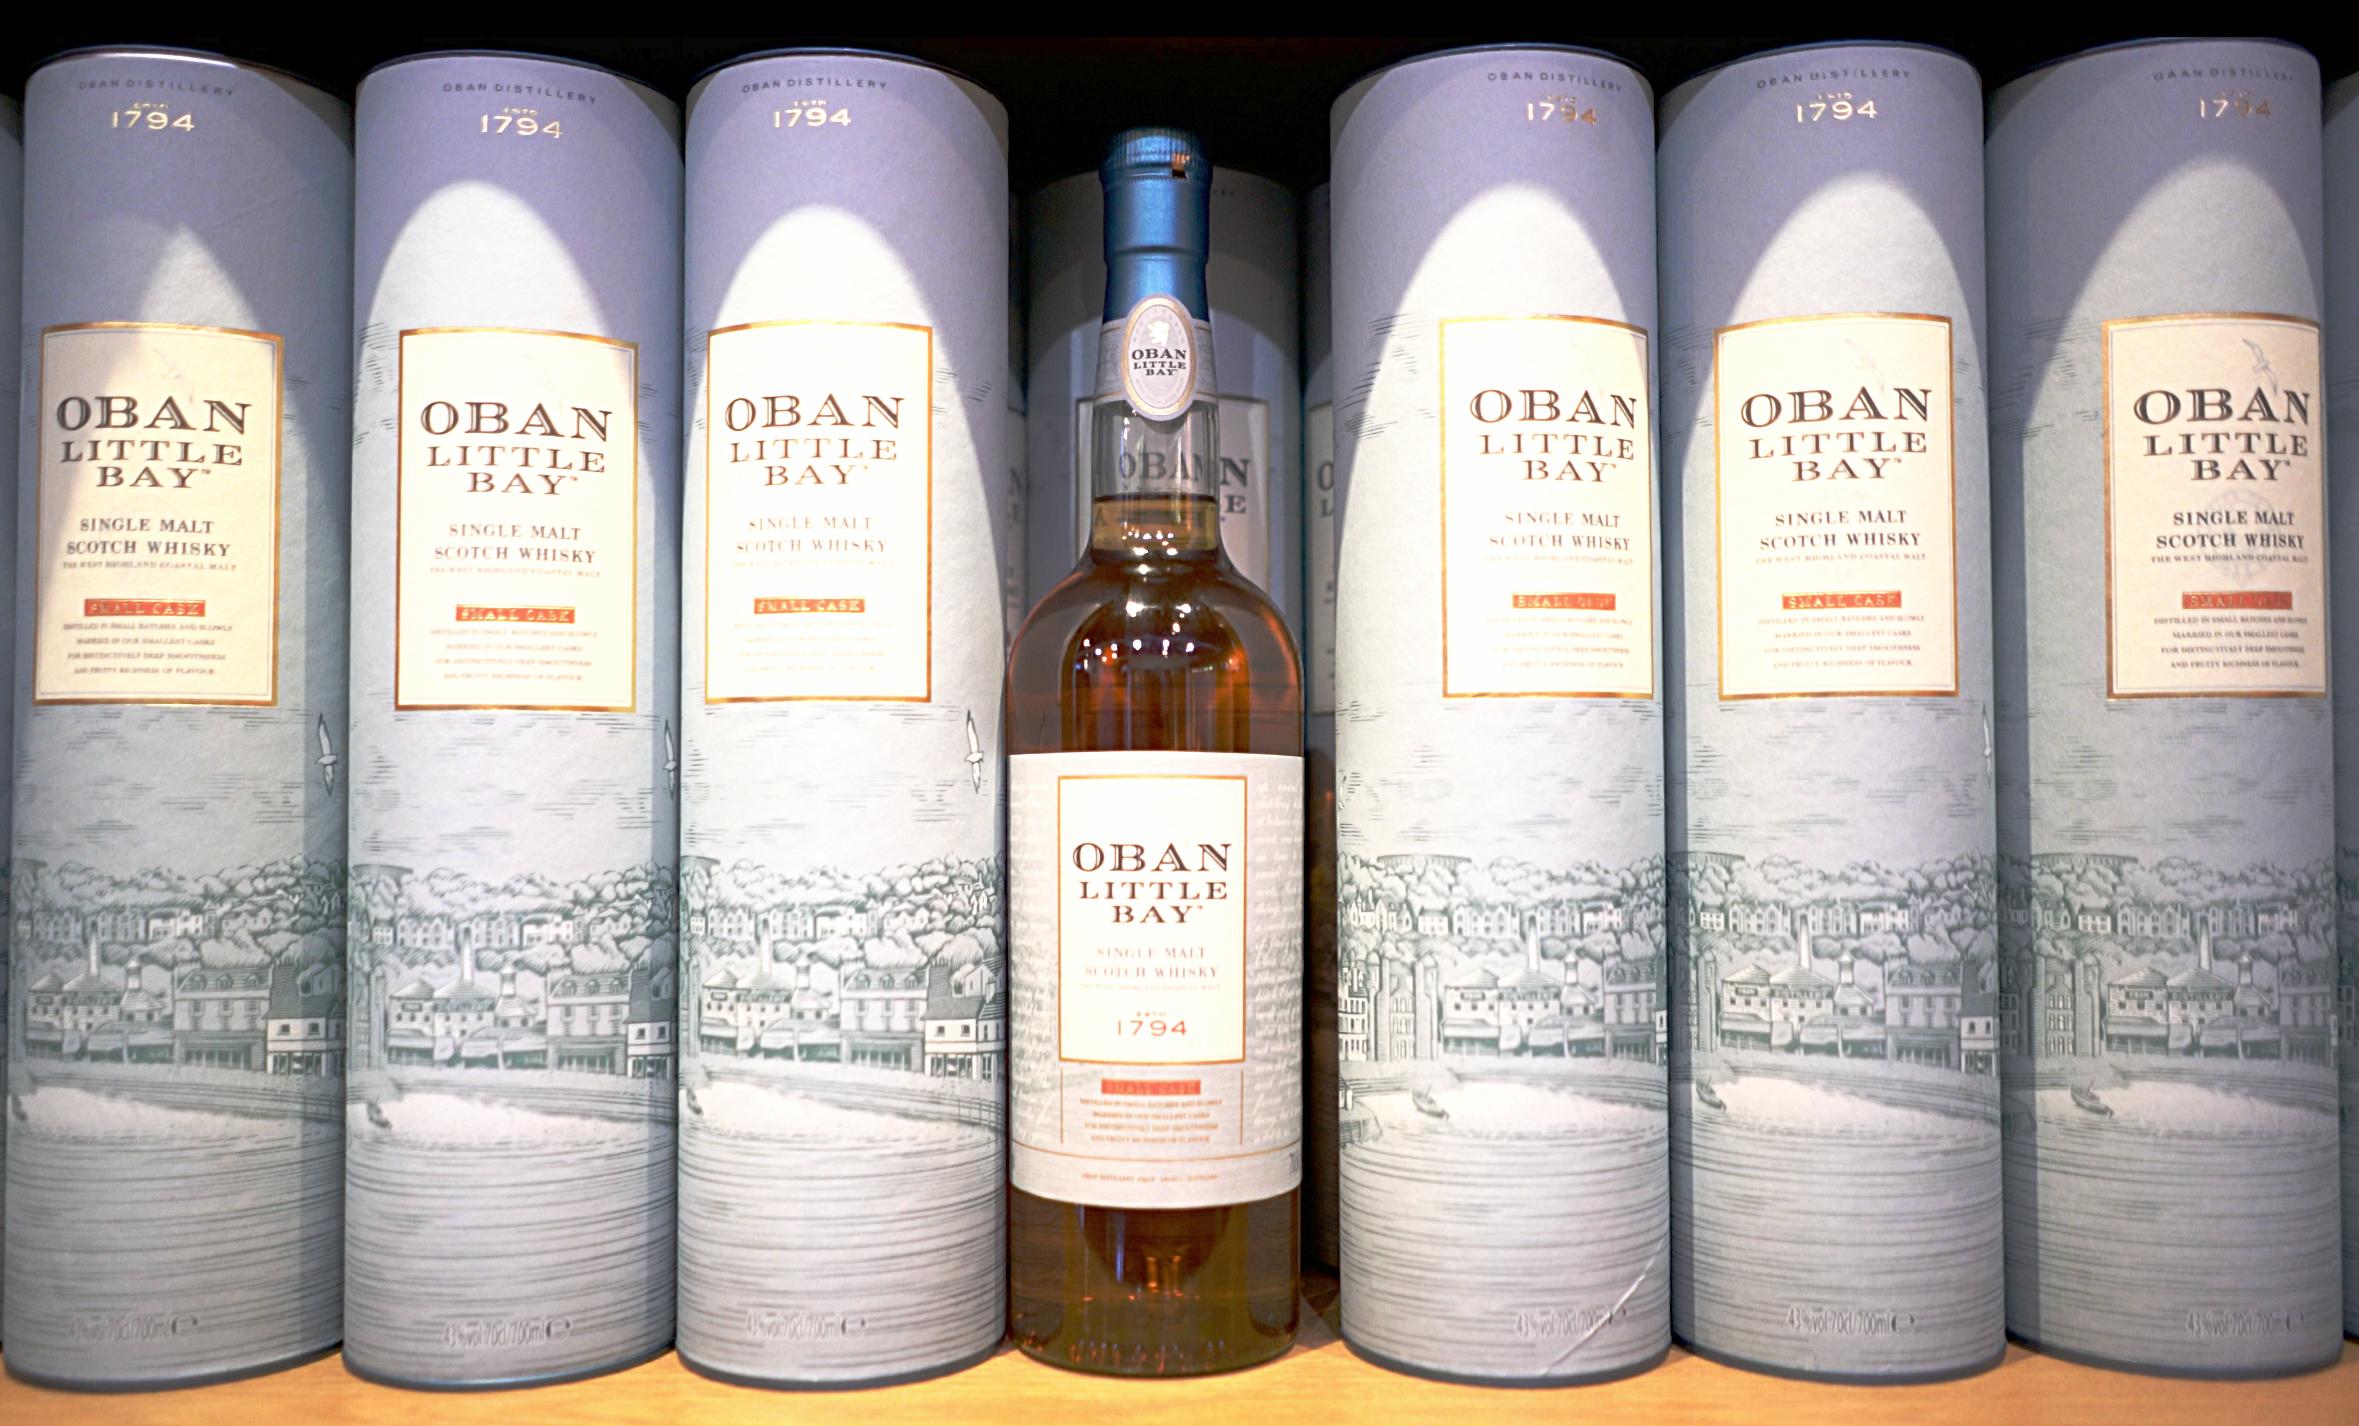 Oban Little Bay Whisky